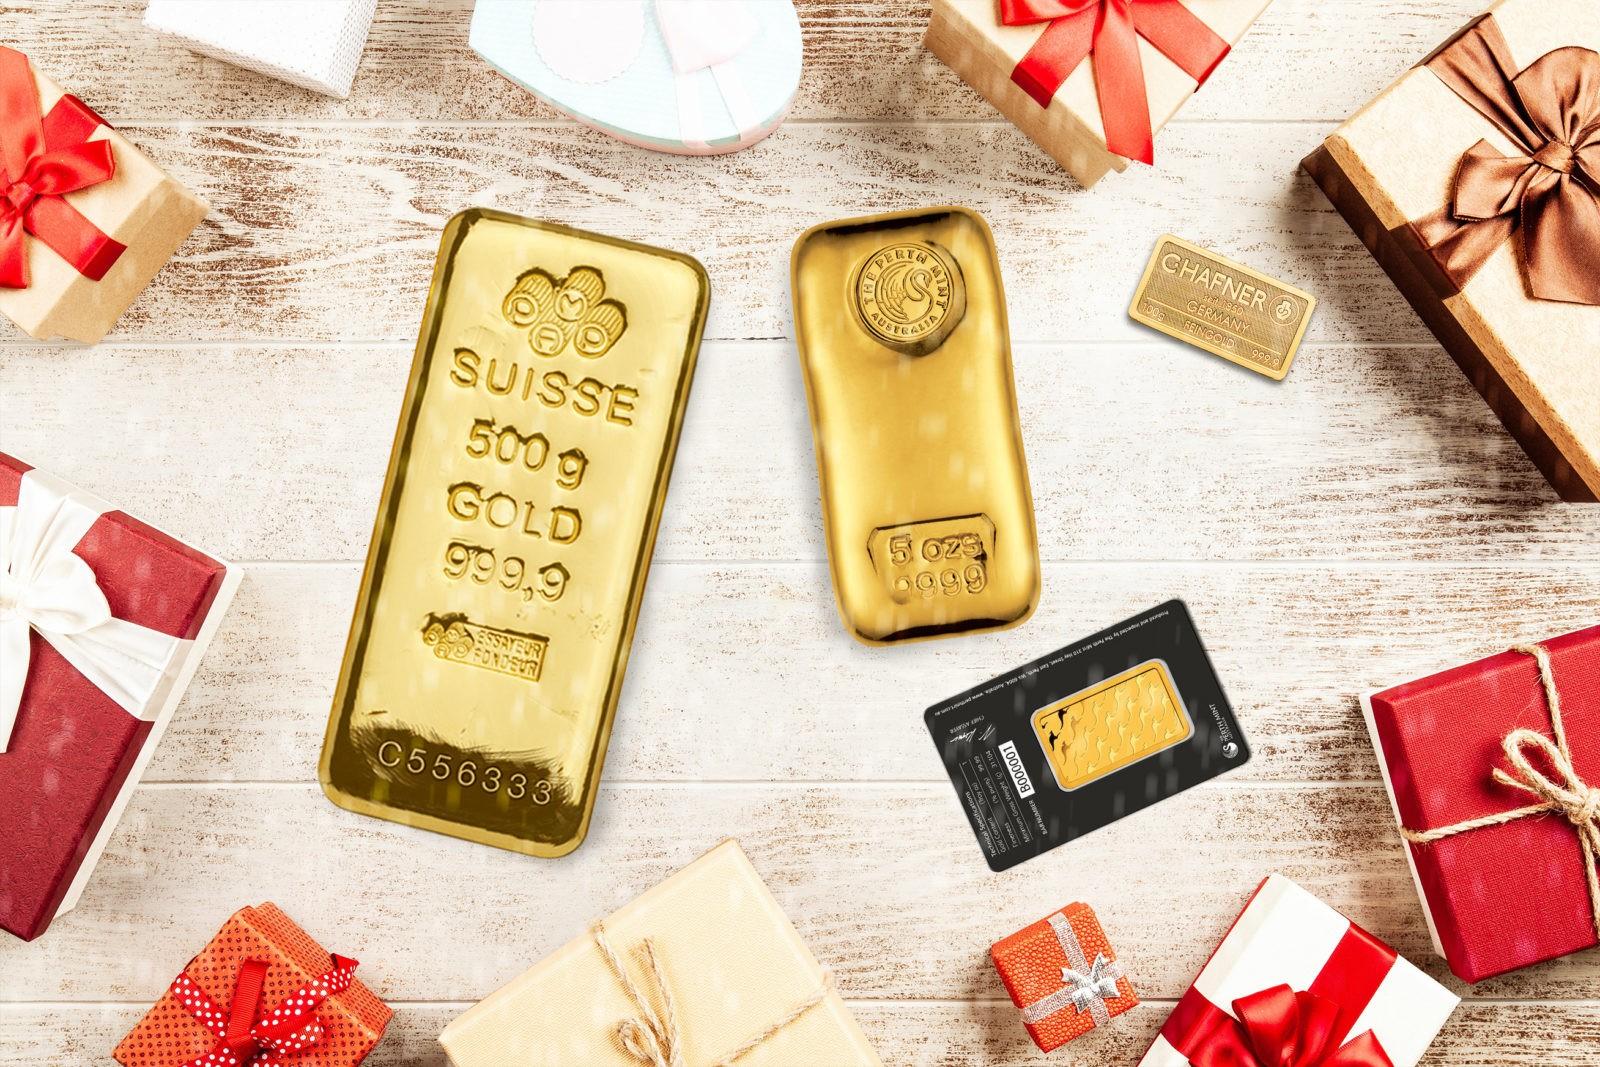 цена золота декабрь 2020